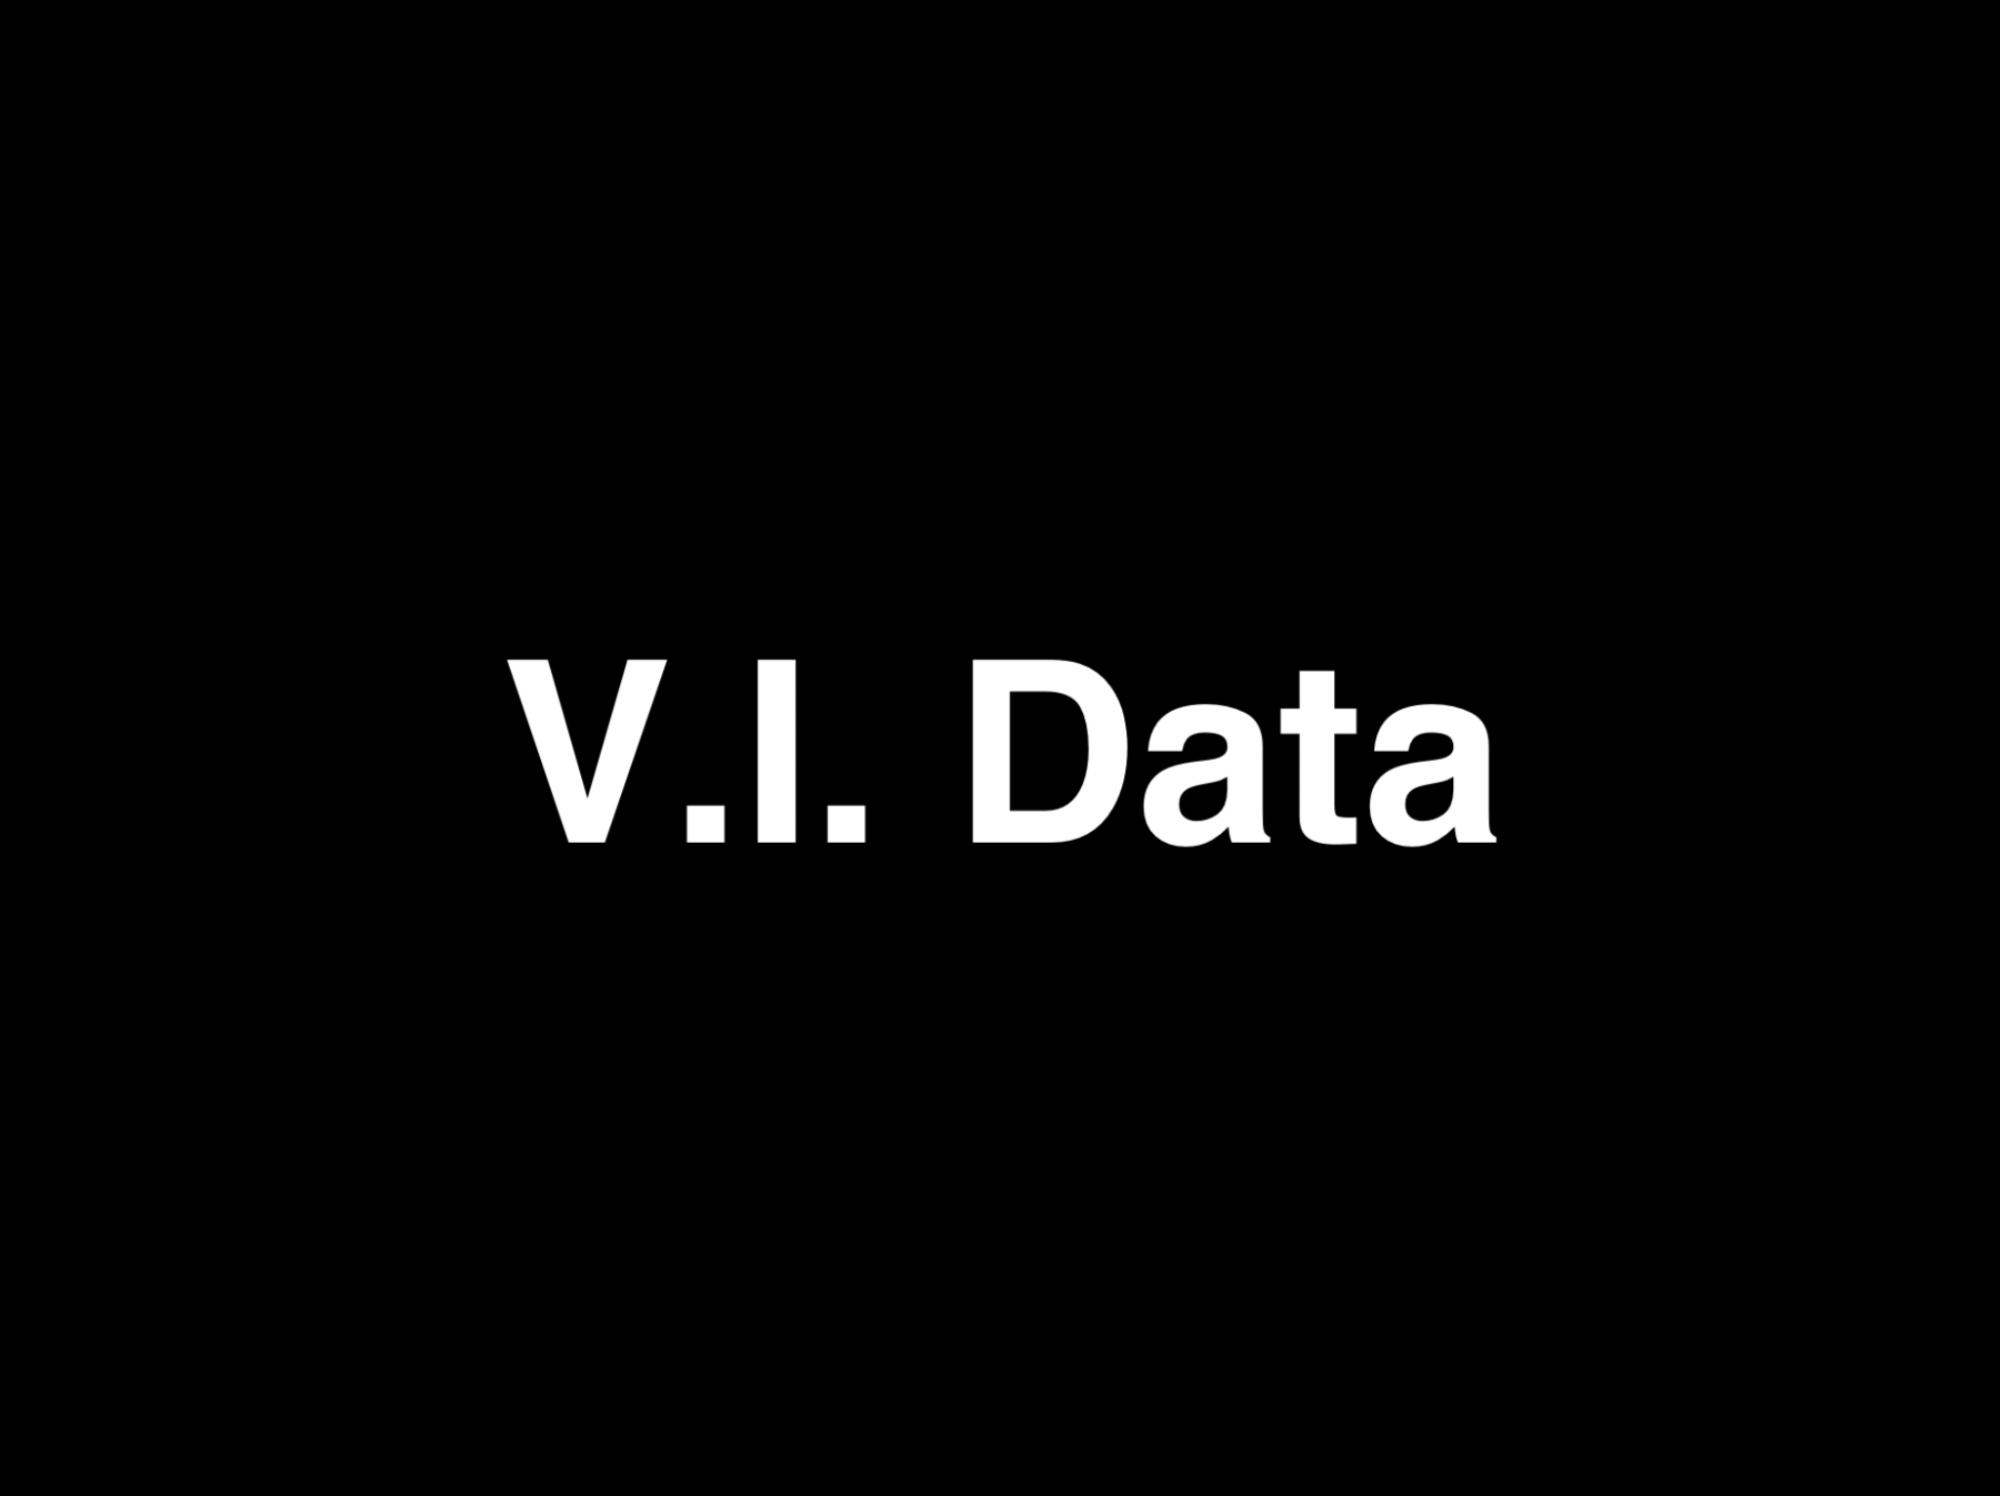 V.I. Data